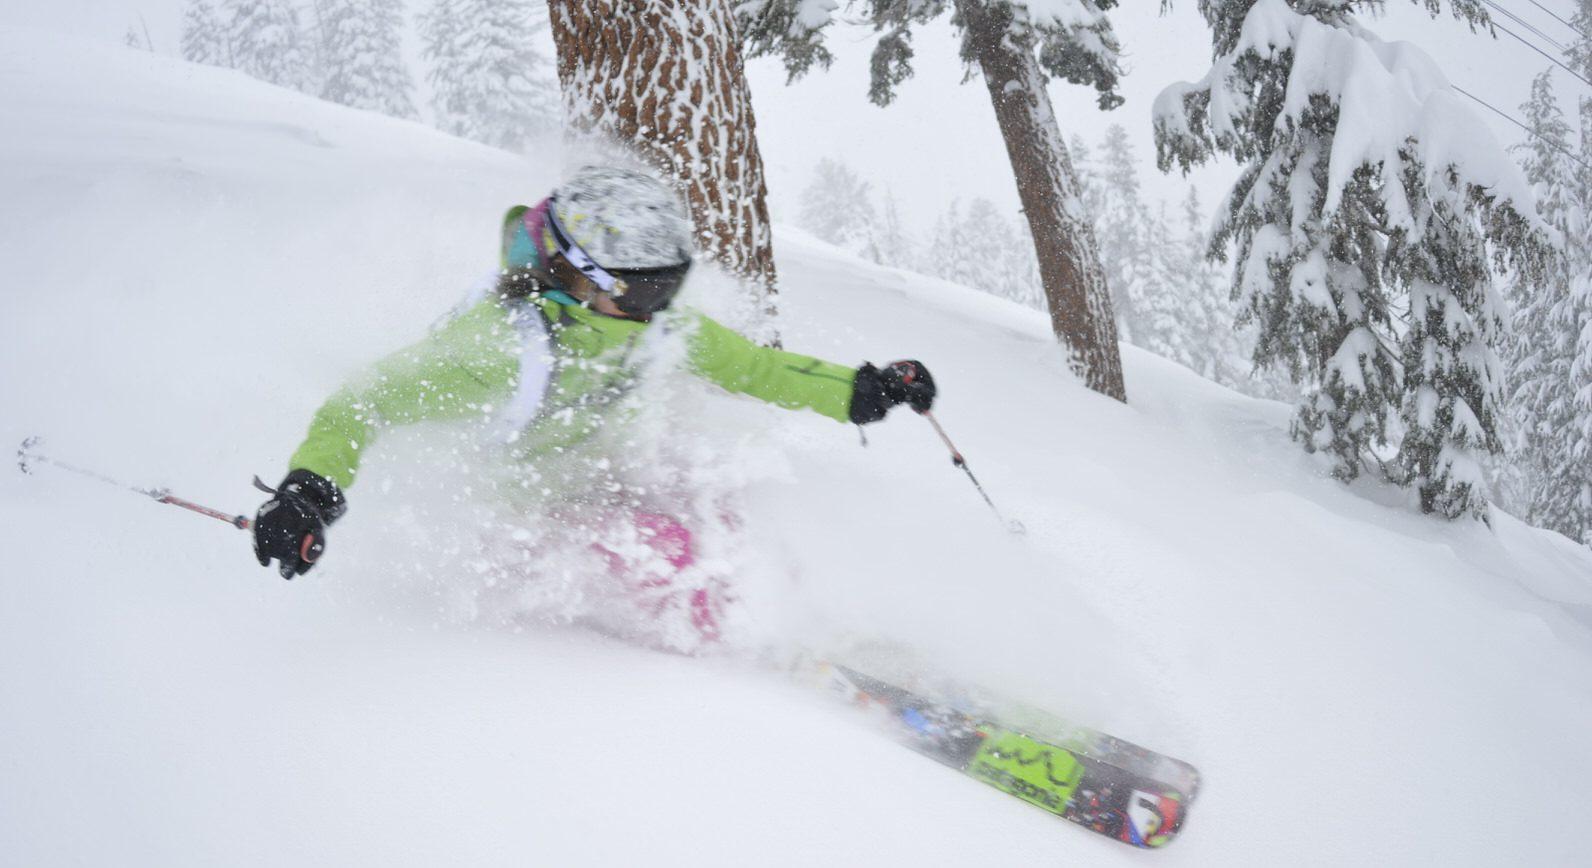 Pre-season snow. European ski resorts that are open right now.